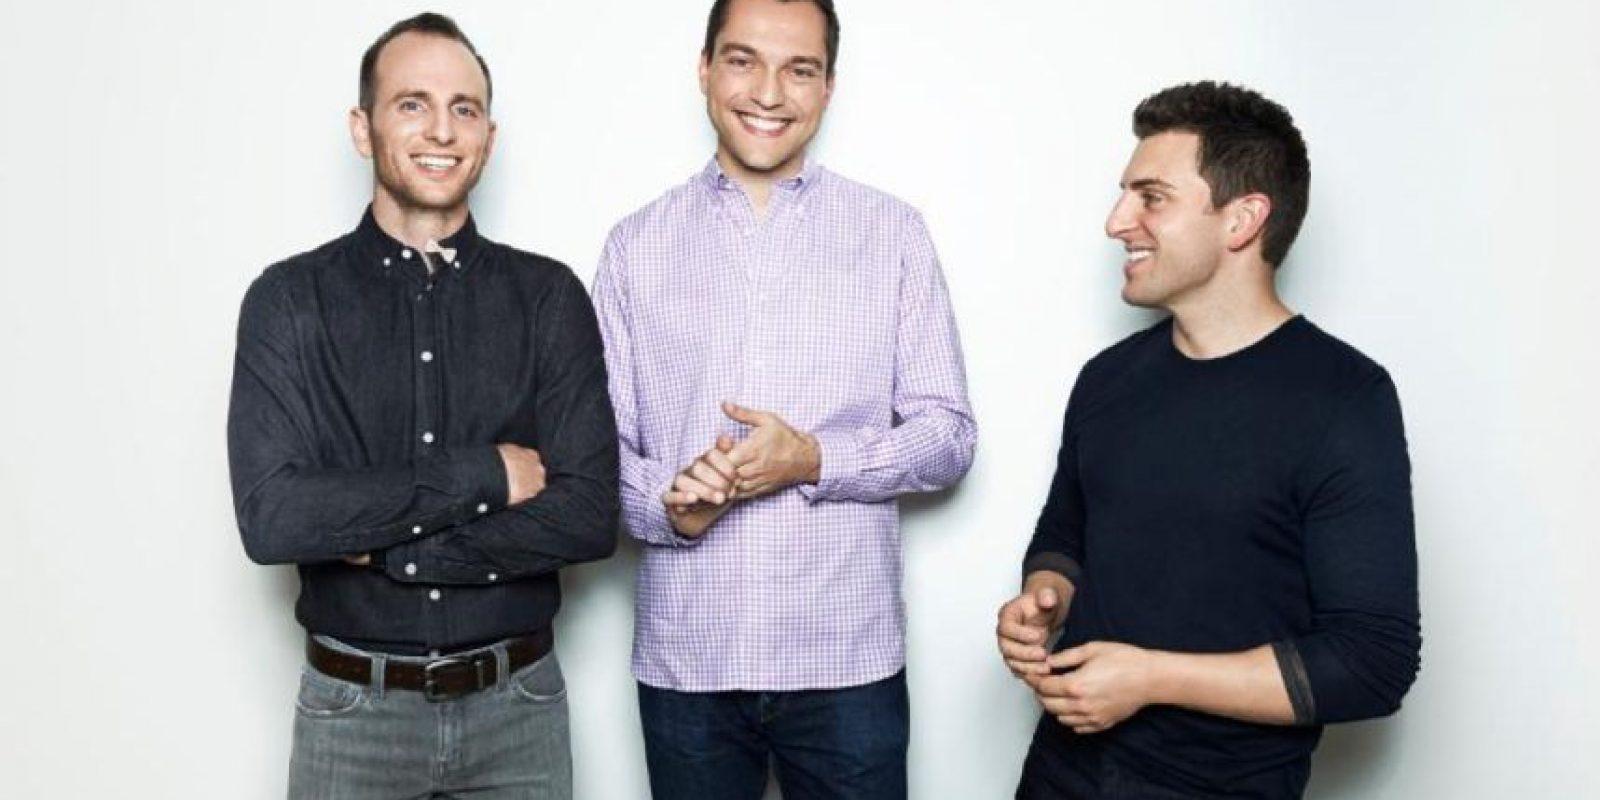 La fortuna de cada uno de estos tres empresarios está valorada en 3 mil millones de dólares. Foto:Vía Forbes